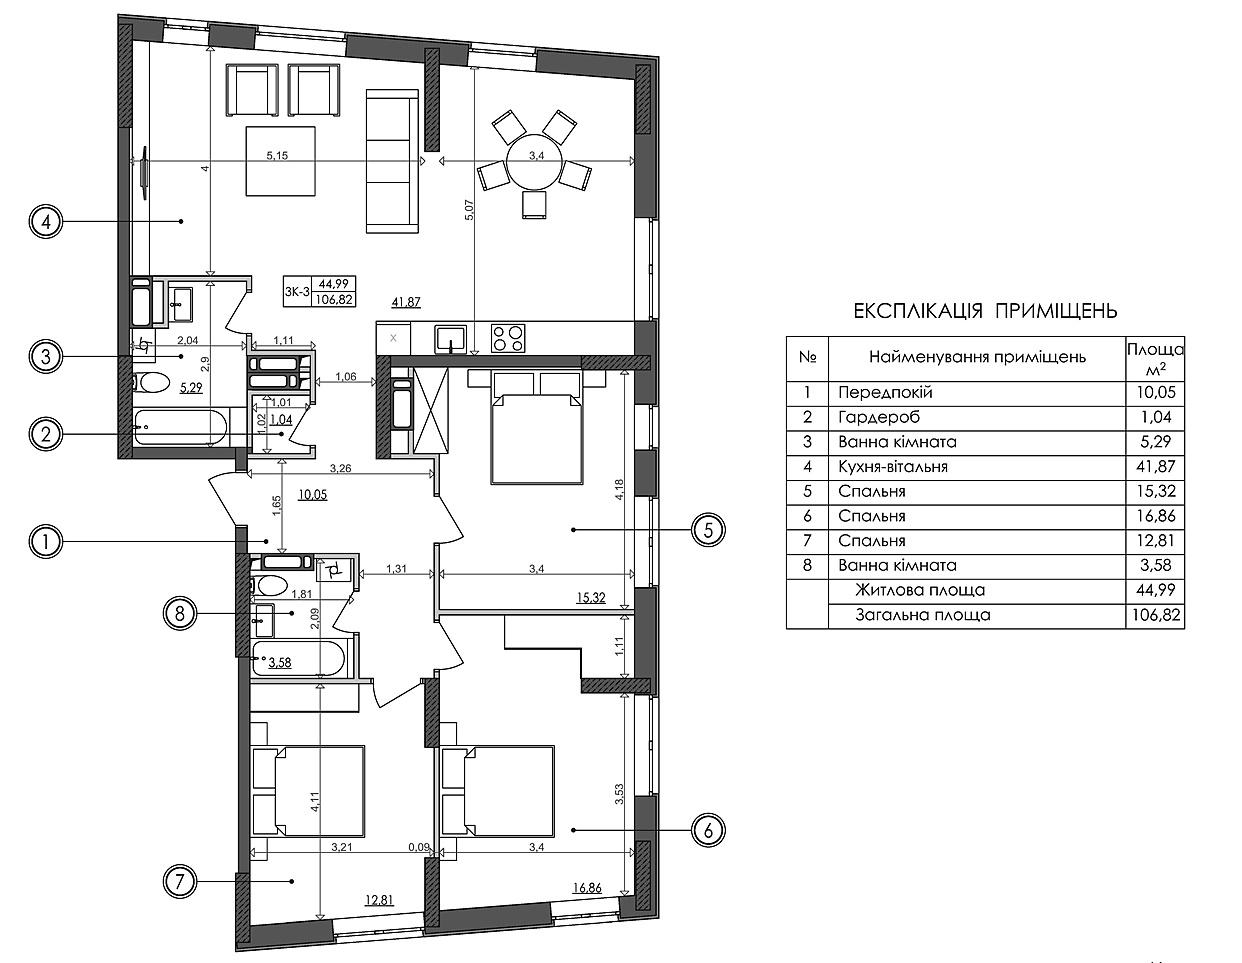 ЖК Svitlo Park пример планировки трехкомнатной квартиры